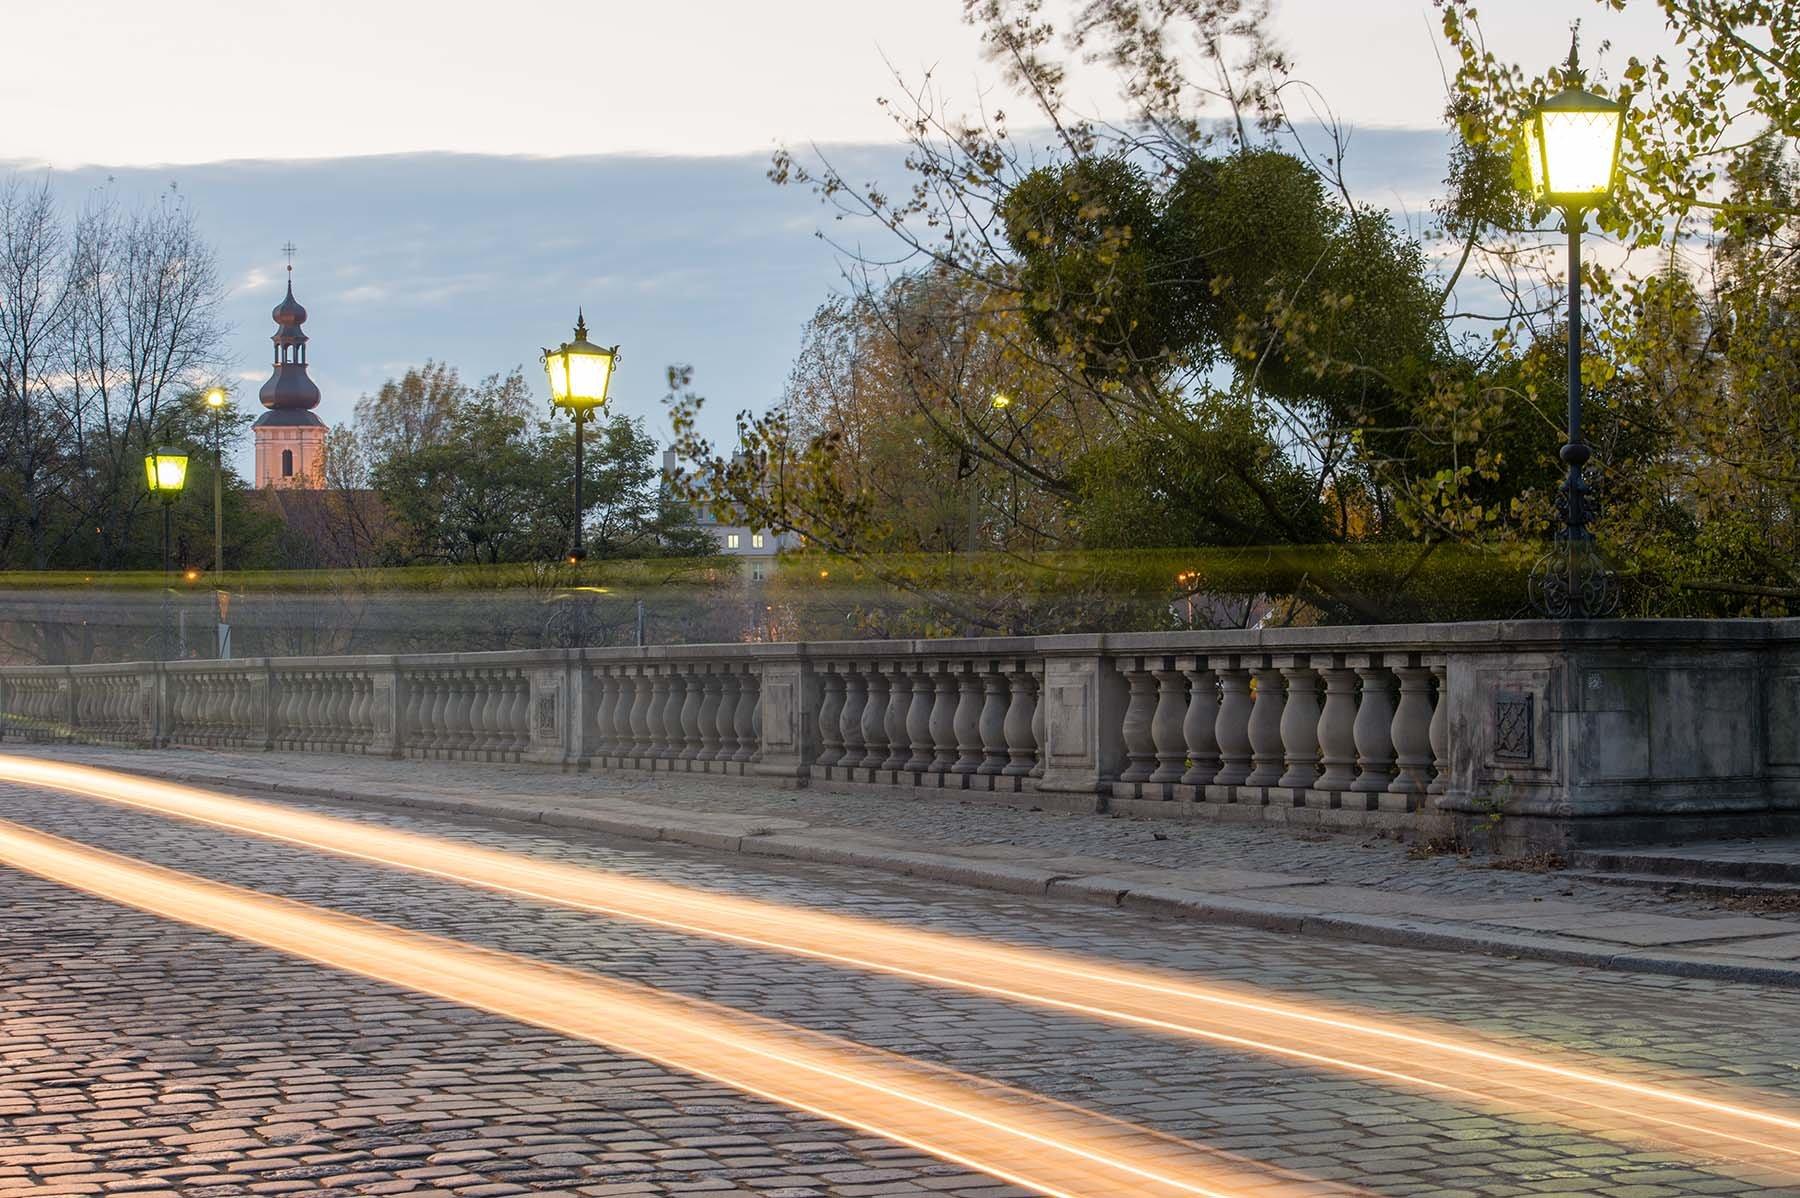 Zabytkowy most oławski we Wrocławiu w zachodzącym świetle